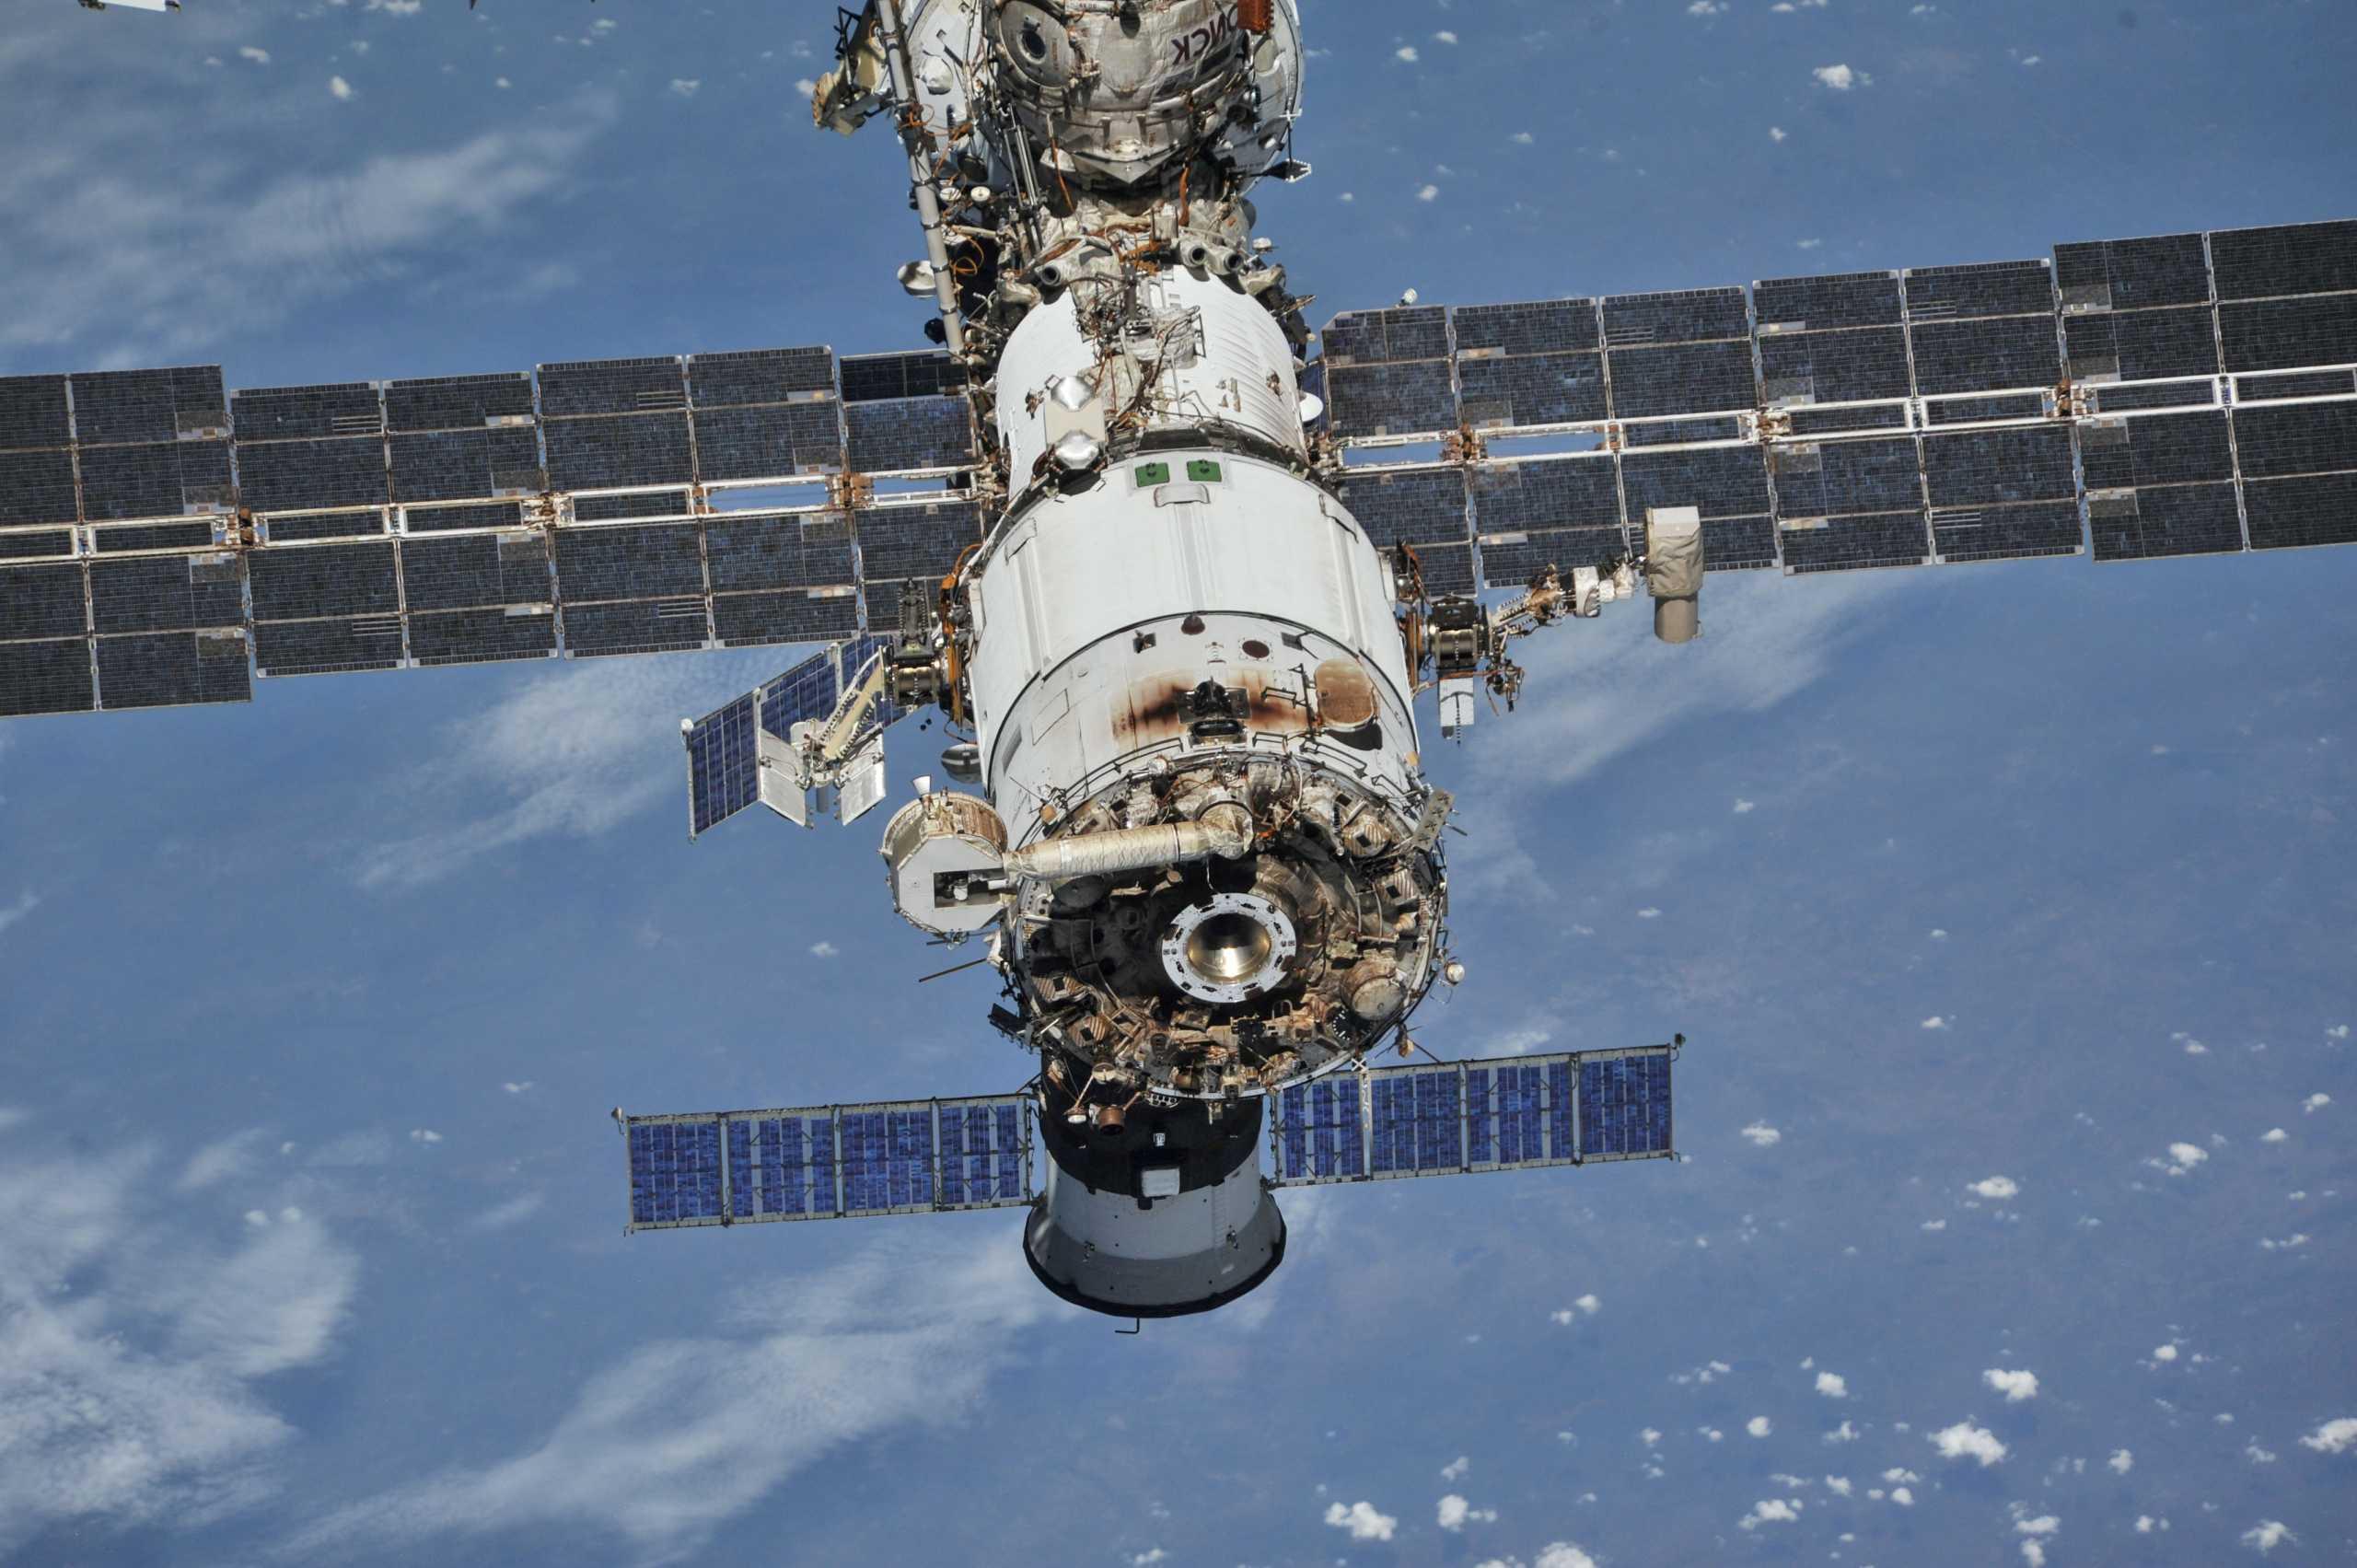 Συναγερμός στον Διεθνή Διαστημικό Σταθμό: Καπνός και μυρωδιά καμένου ανιχνεύθηκαν στο ρωσικό τμήμα